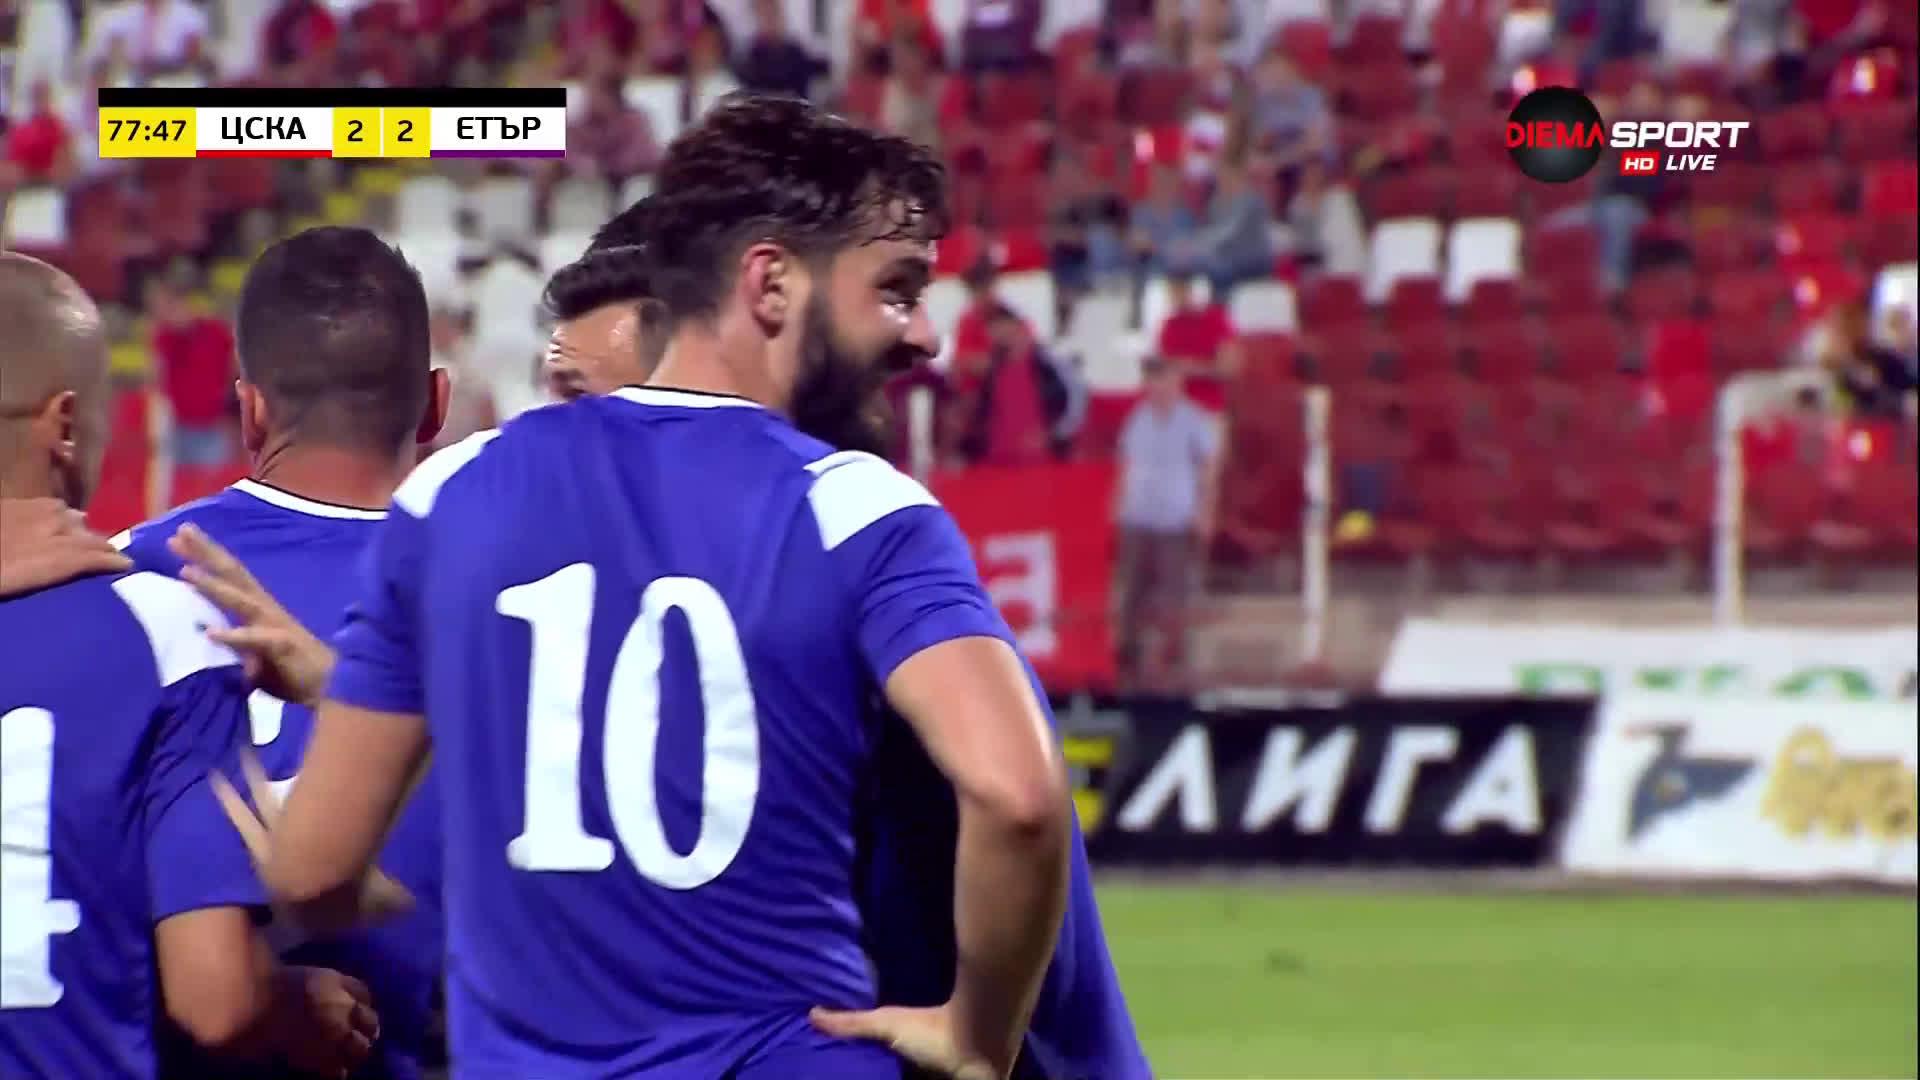 Етър отново попари ЦСКА с гол на Дани Младенов